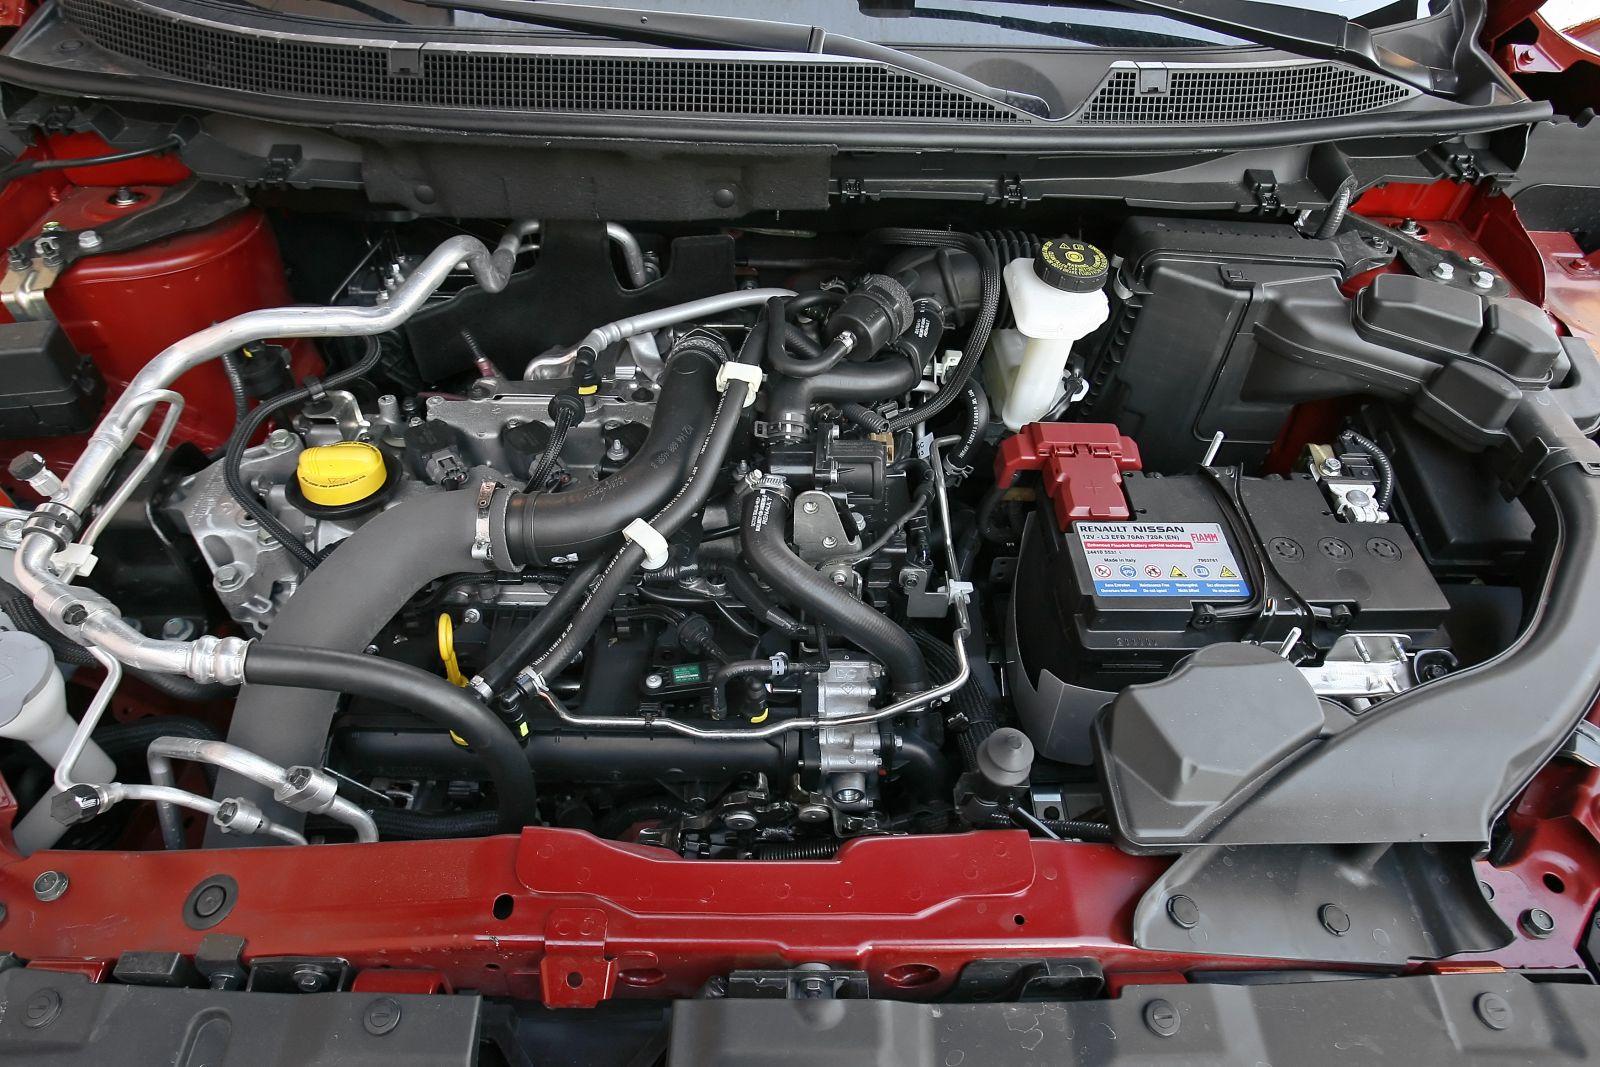 Schema Elettrico Nissan Qashqai : La nuova nissan qashqai dig t durante i test al banco